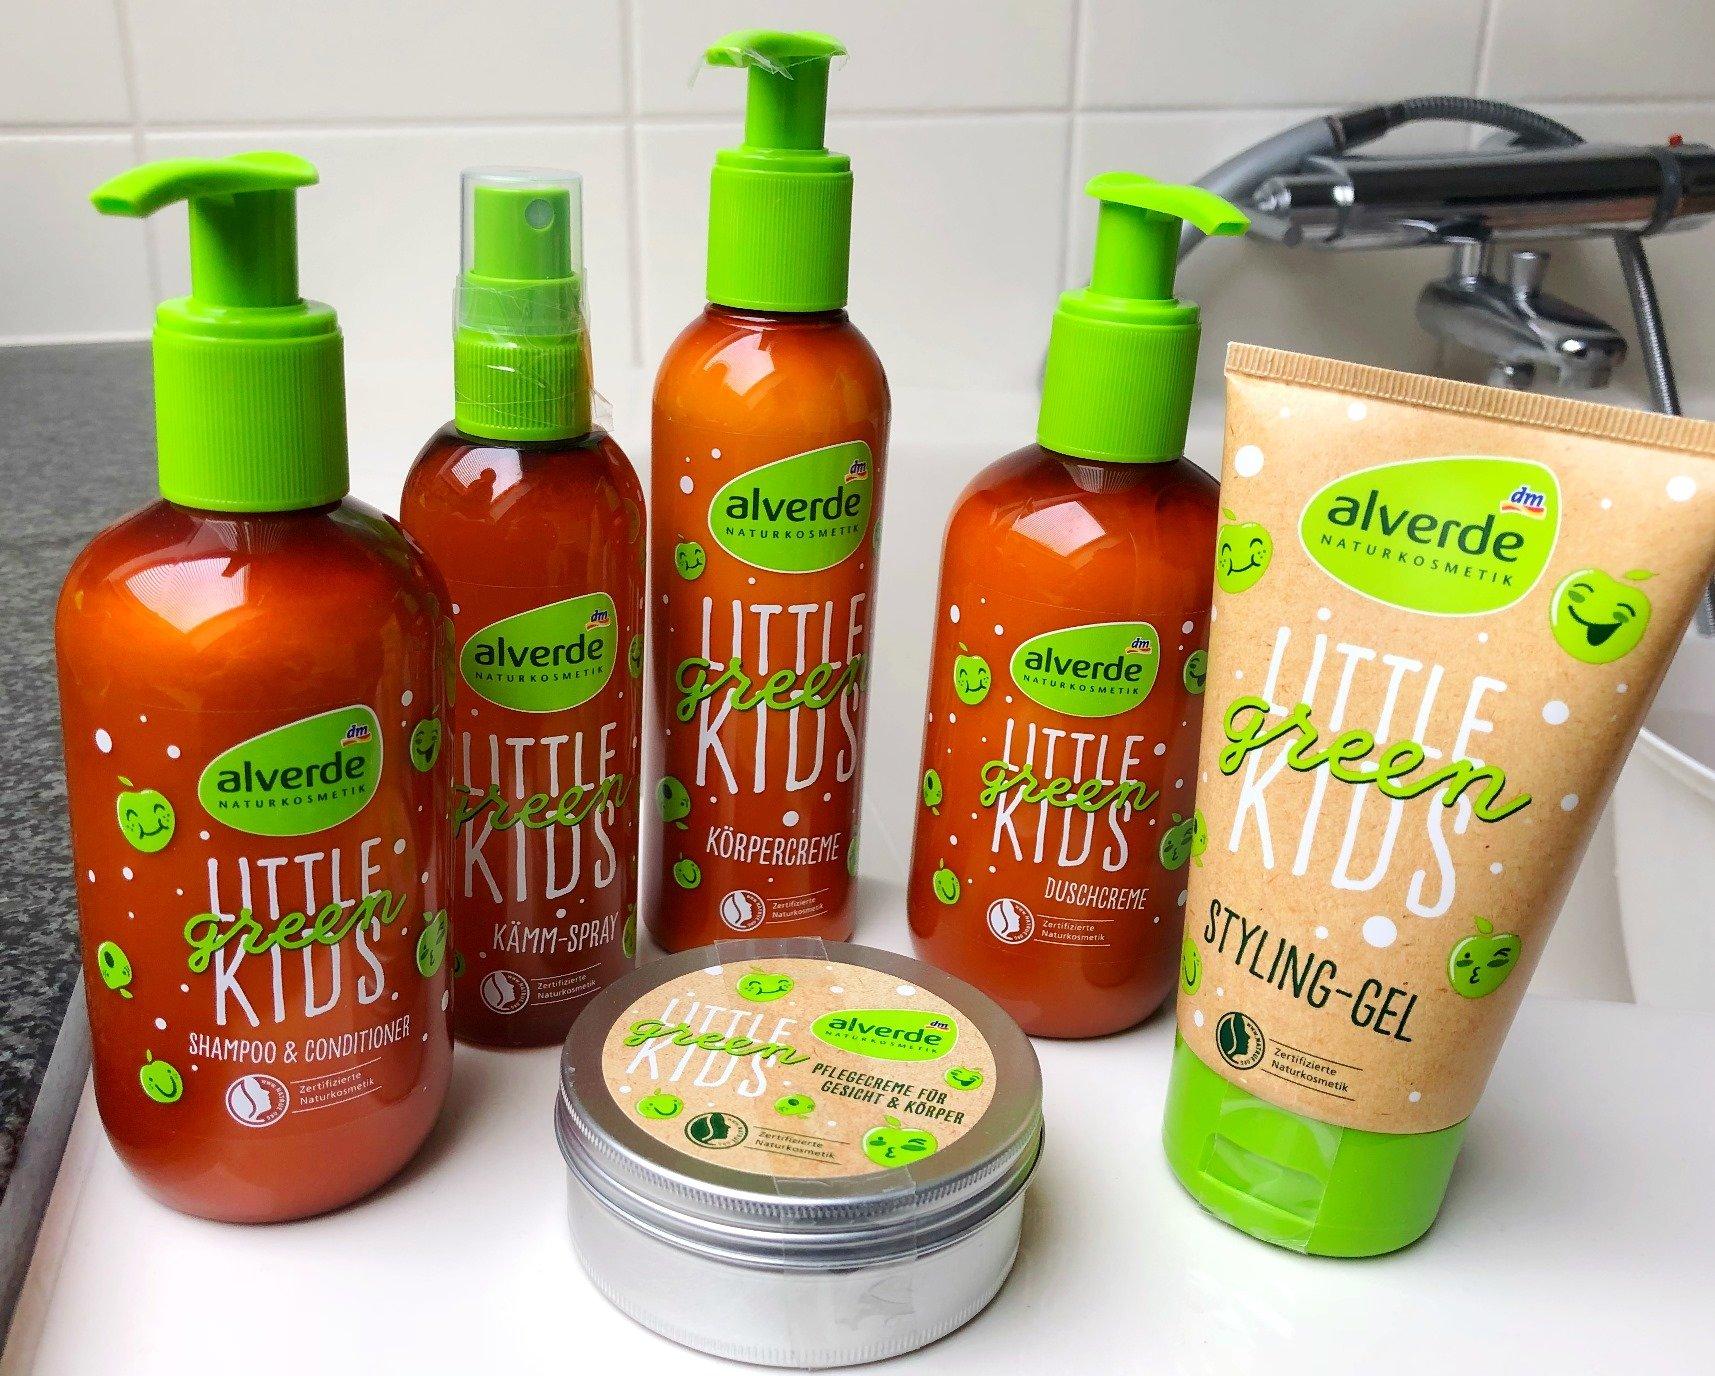 Foto 17.05.18 18 58 15 - Welche Badeprodukte für das Kind werden benötigt?